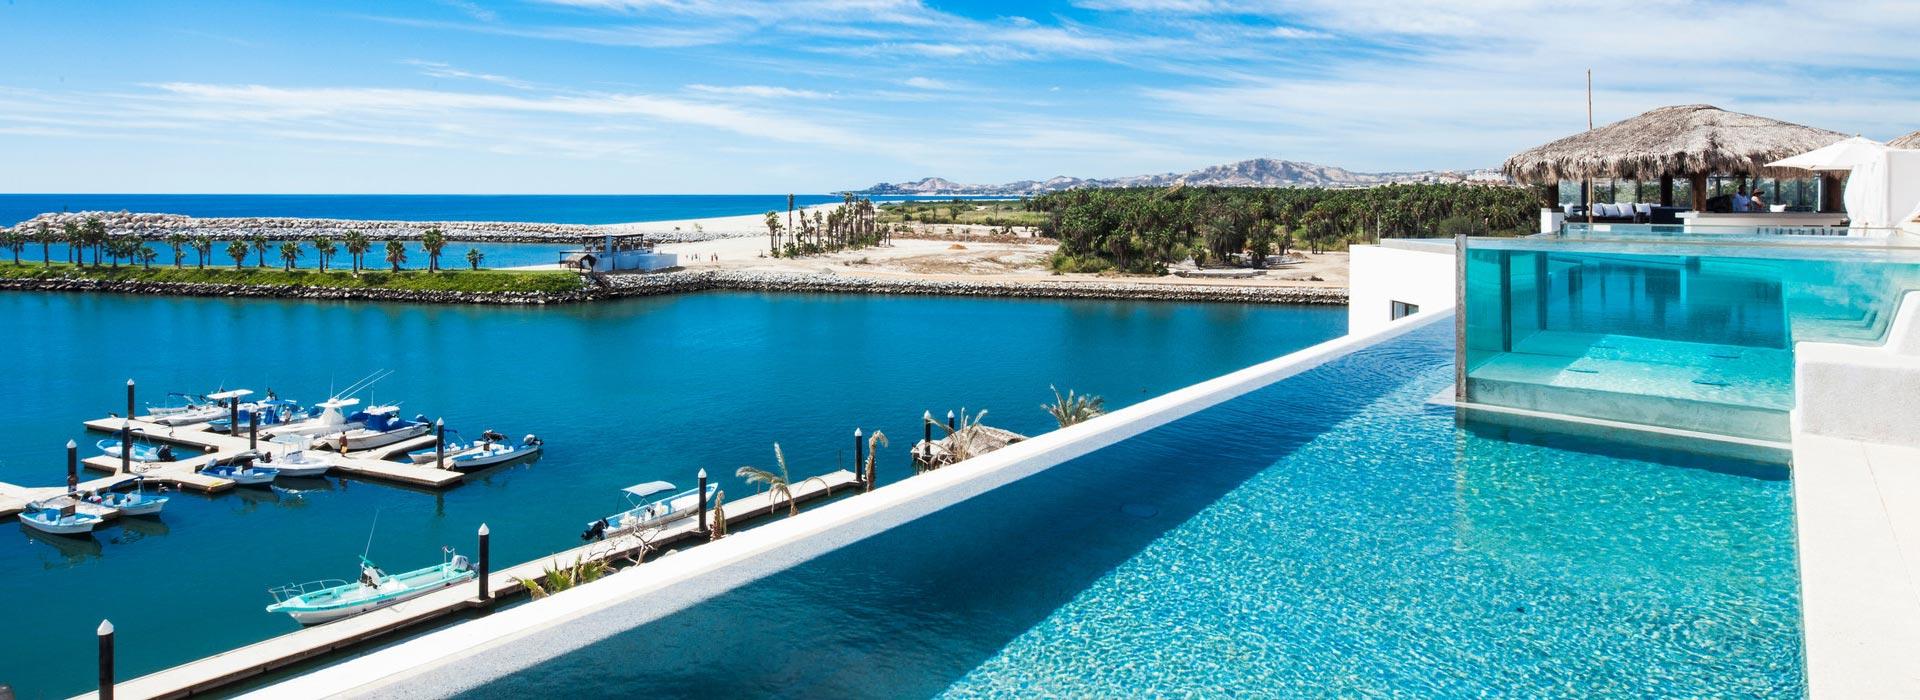 Luxury Cabo Hotel, Hotel El Ganzo